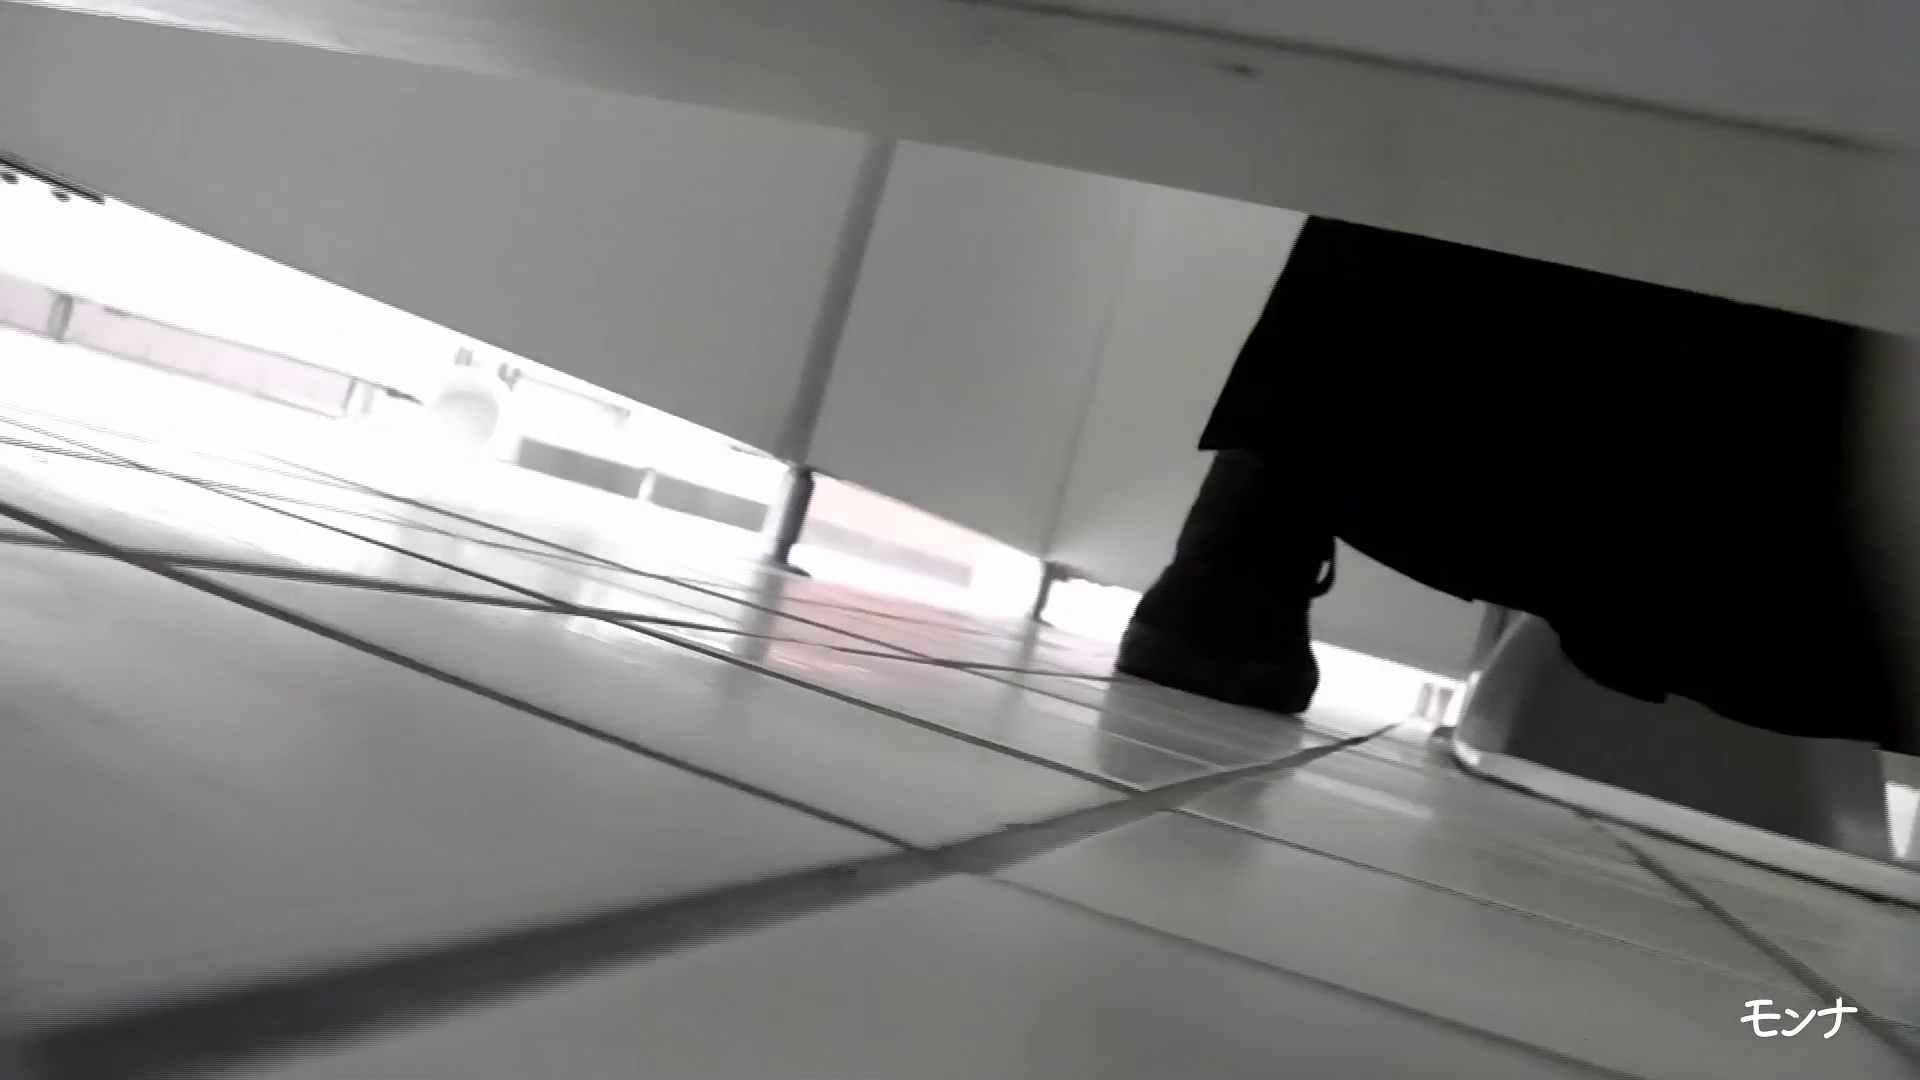 美しい日本の未来 No.38 久しぶり、復活しようかなあ?^^ by モンナ 覗き   ギャル・コレクション  84連発 51